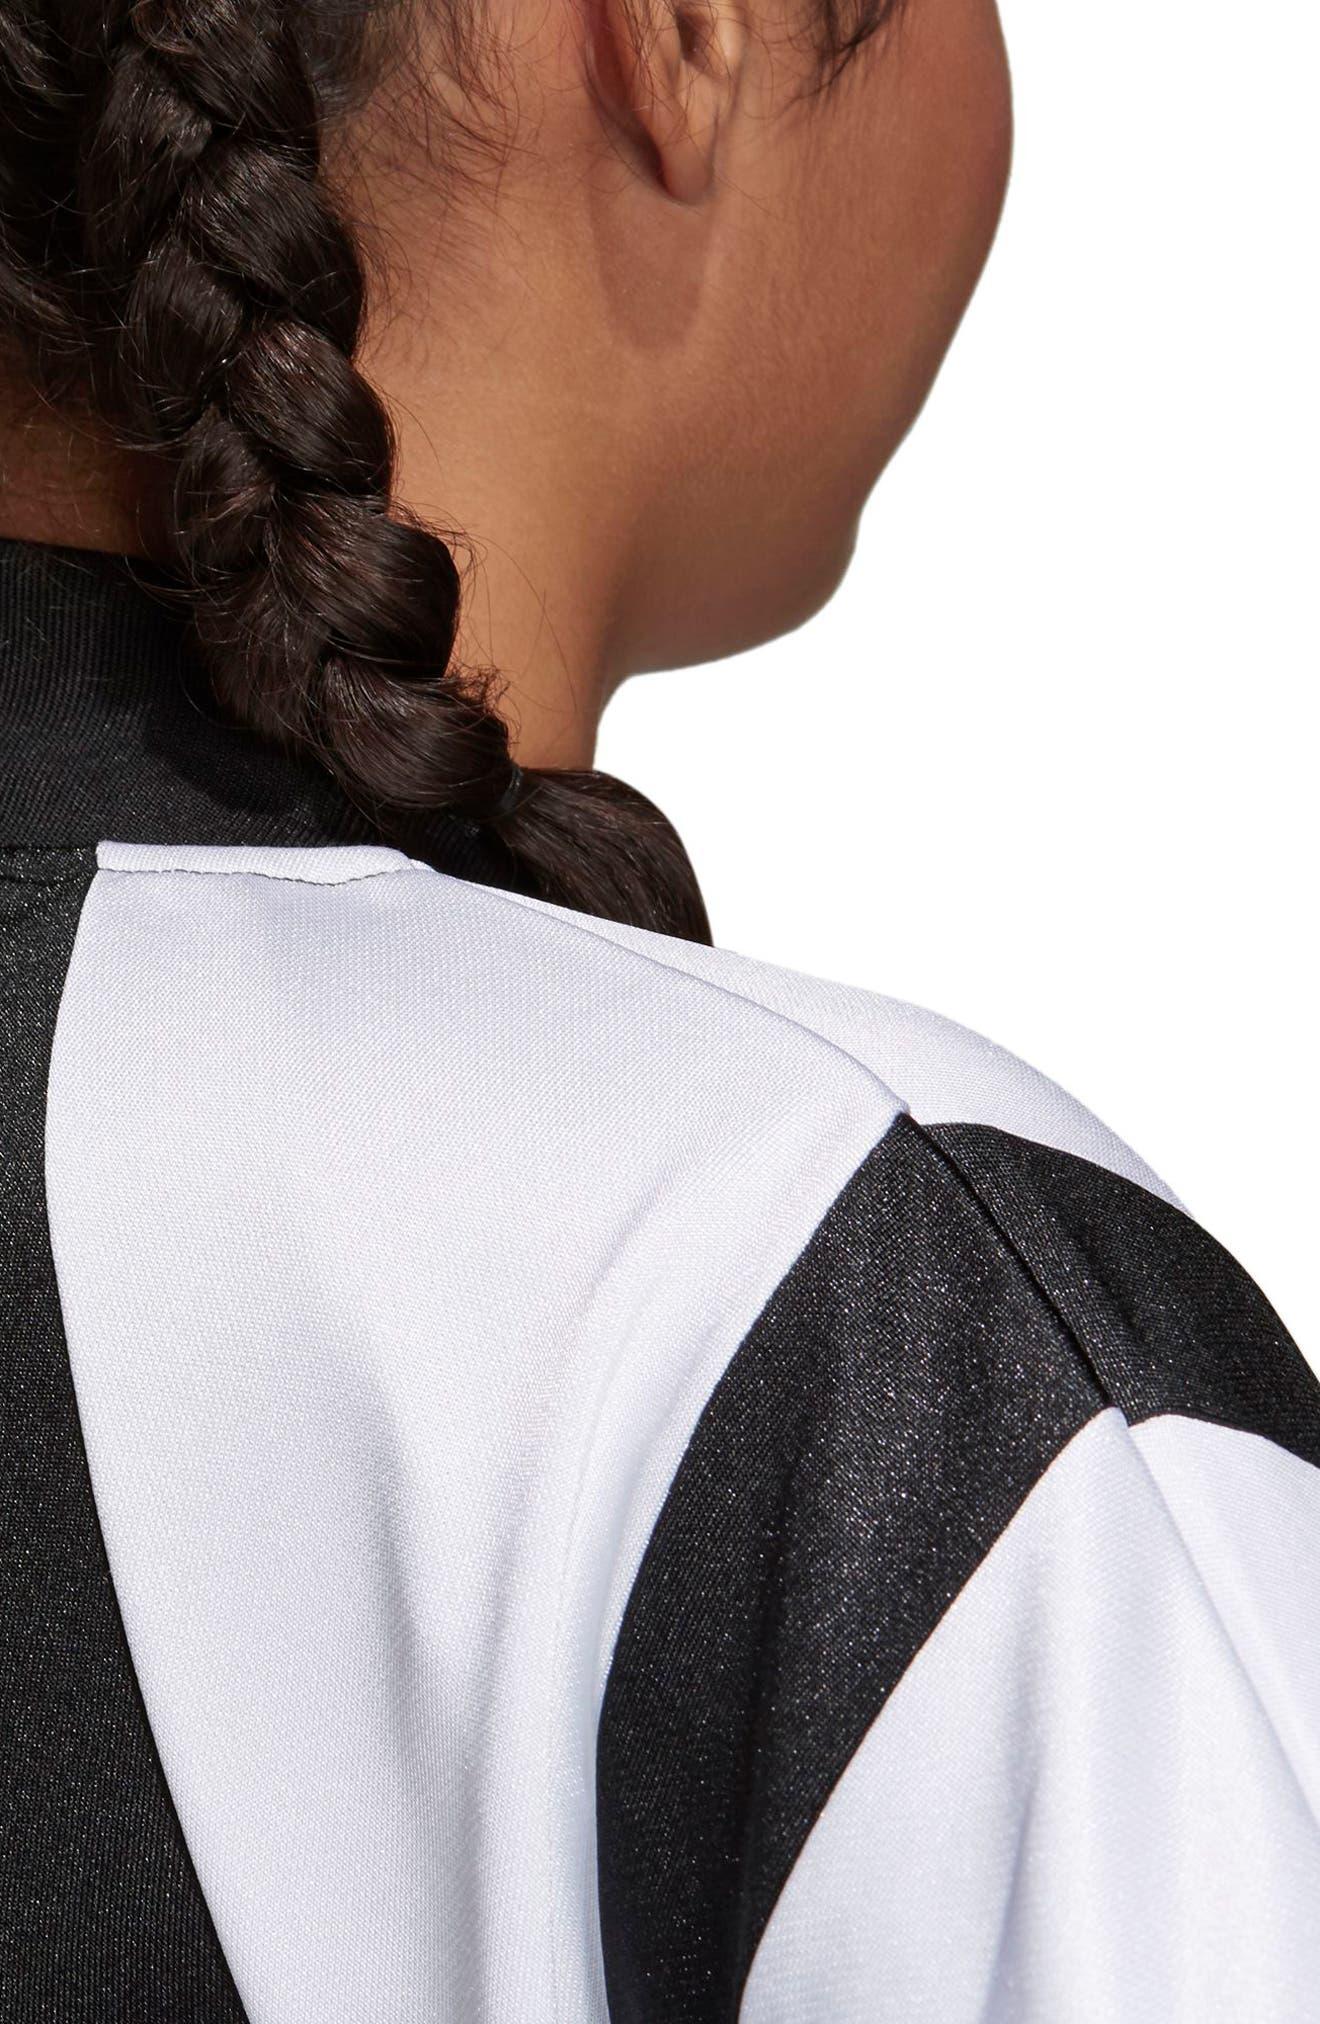 Originals Superstar Track Jacket,                             Alternate thumbnail 4, color,                             Black/ White